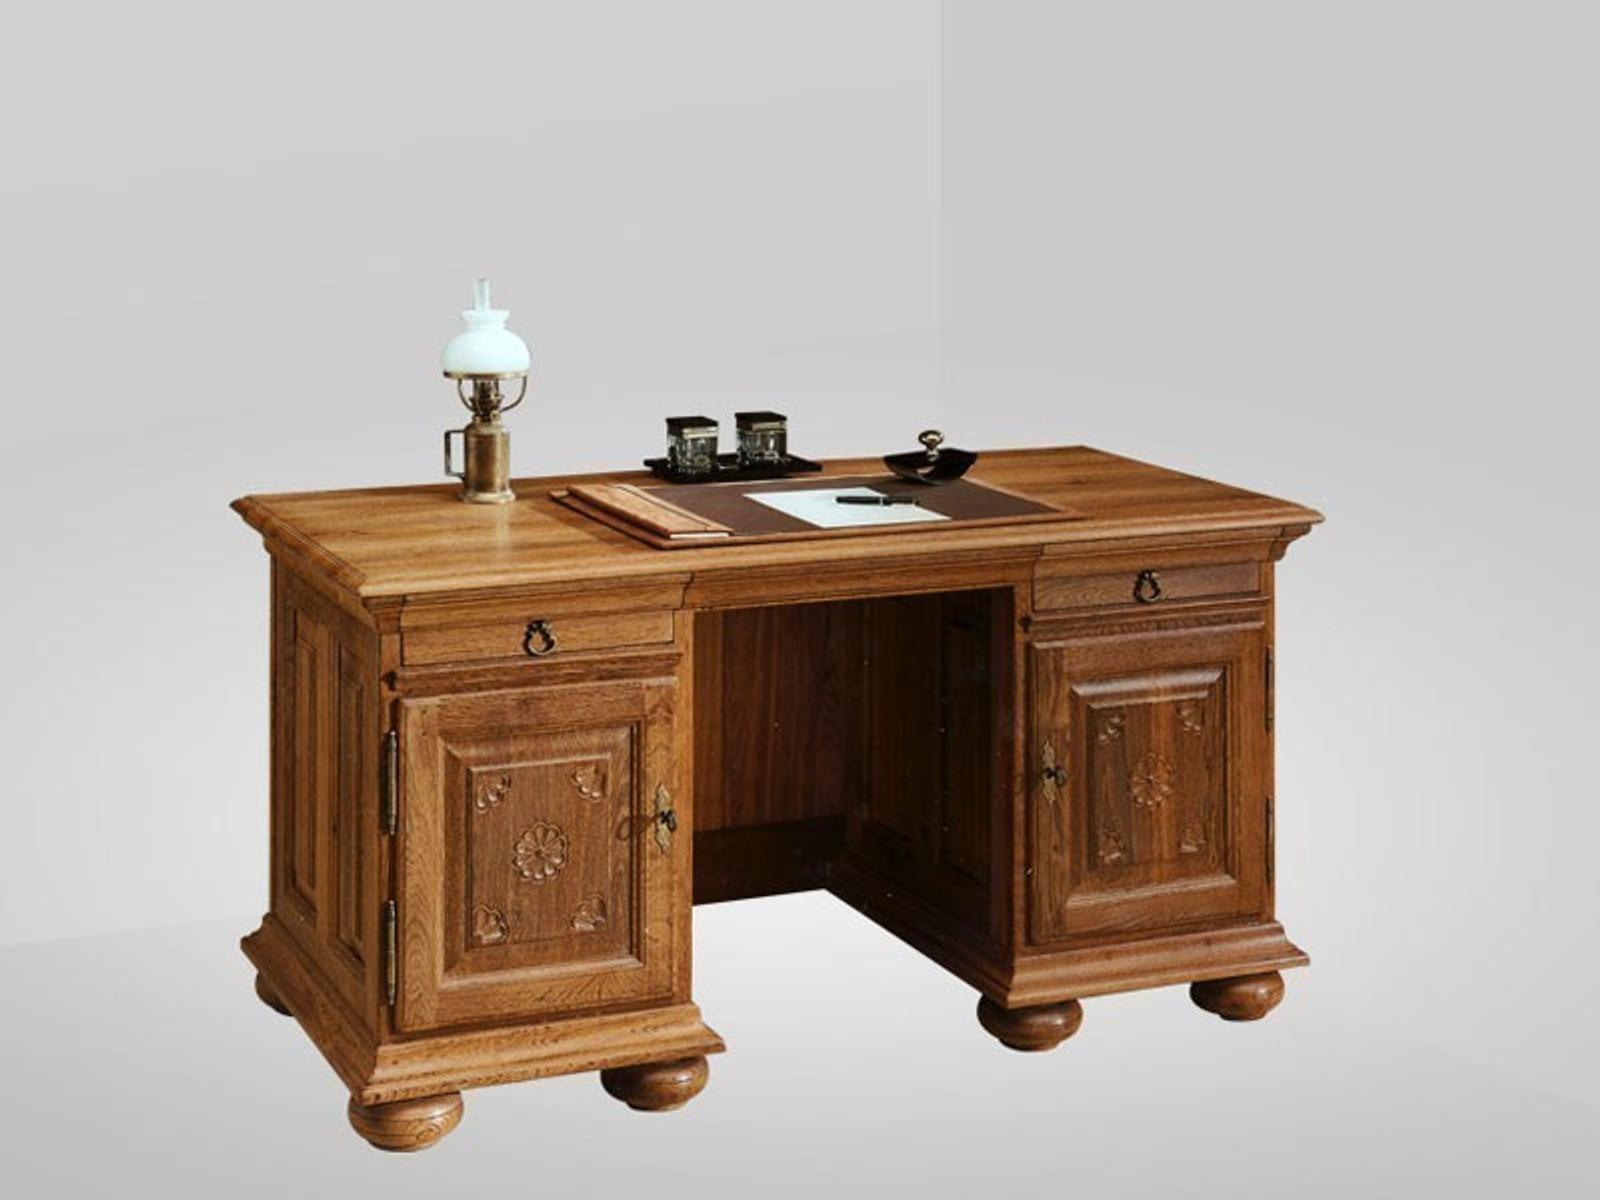 Schreibtisch Eiche Massiv Farbton Nach Wunsch Von Rustikal Bis Ganz